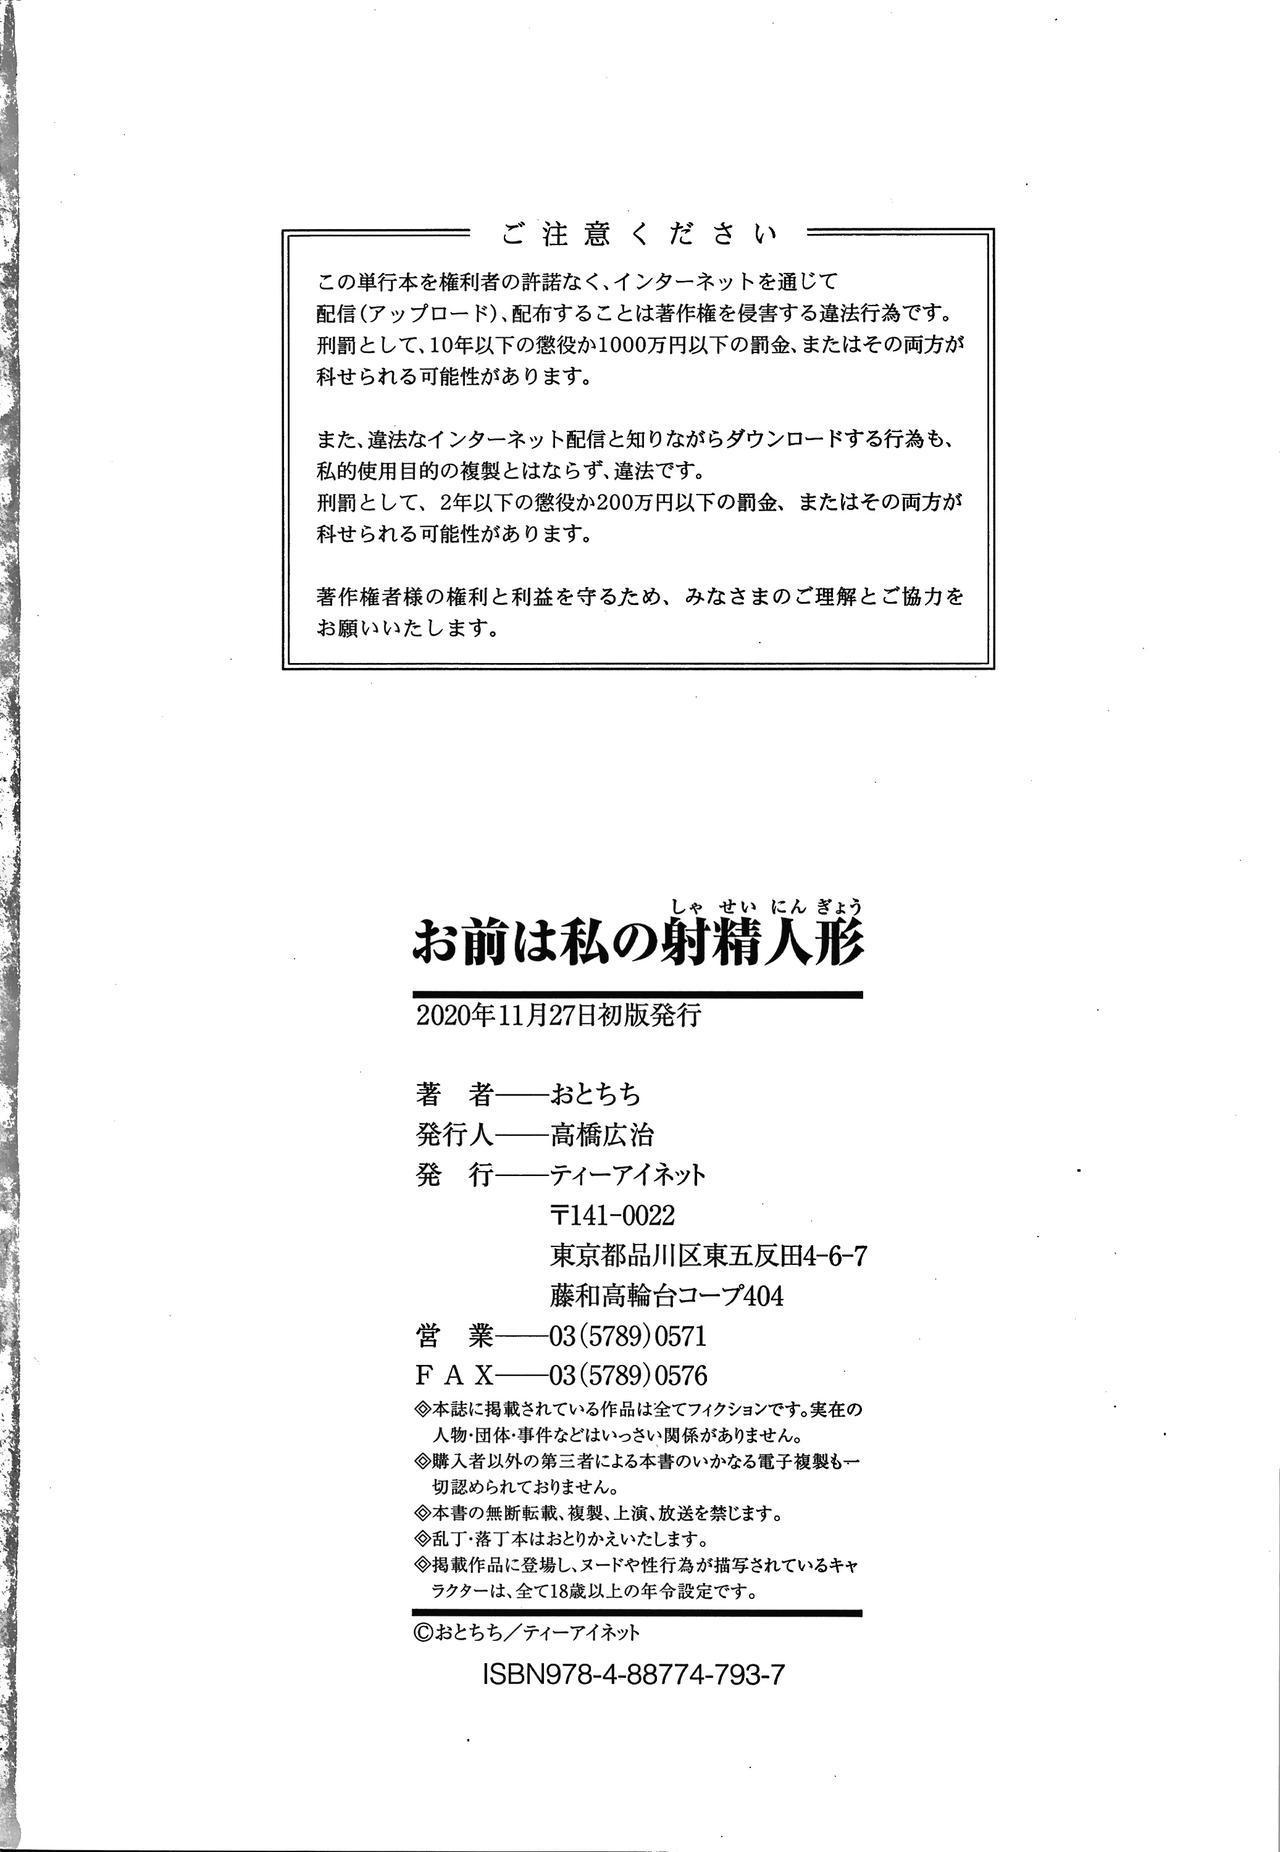 Omae wa Watashi no Shasei Ningyo 178